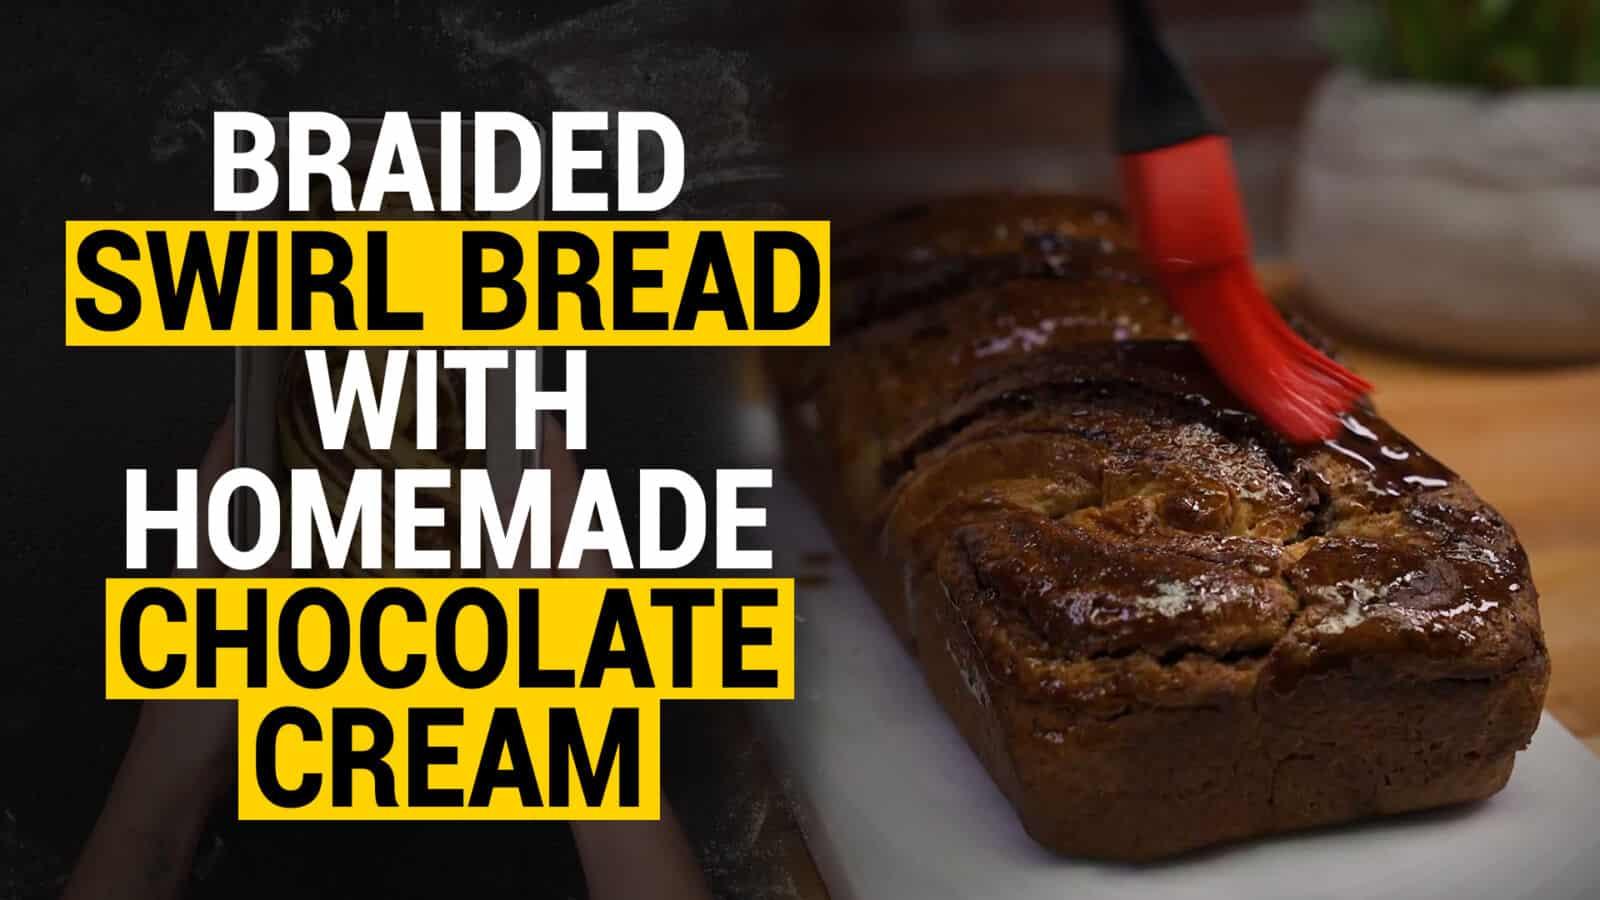 braided swirl bread